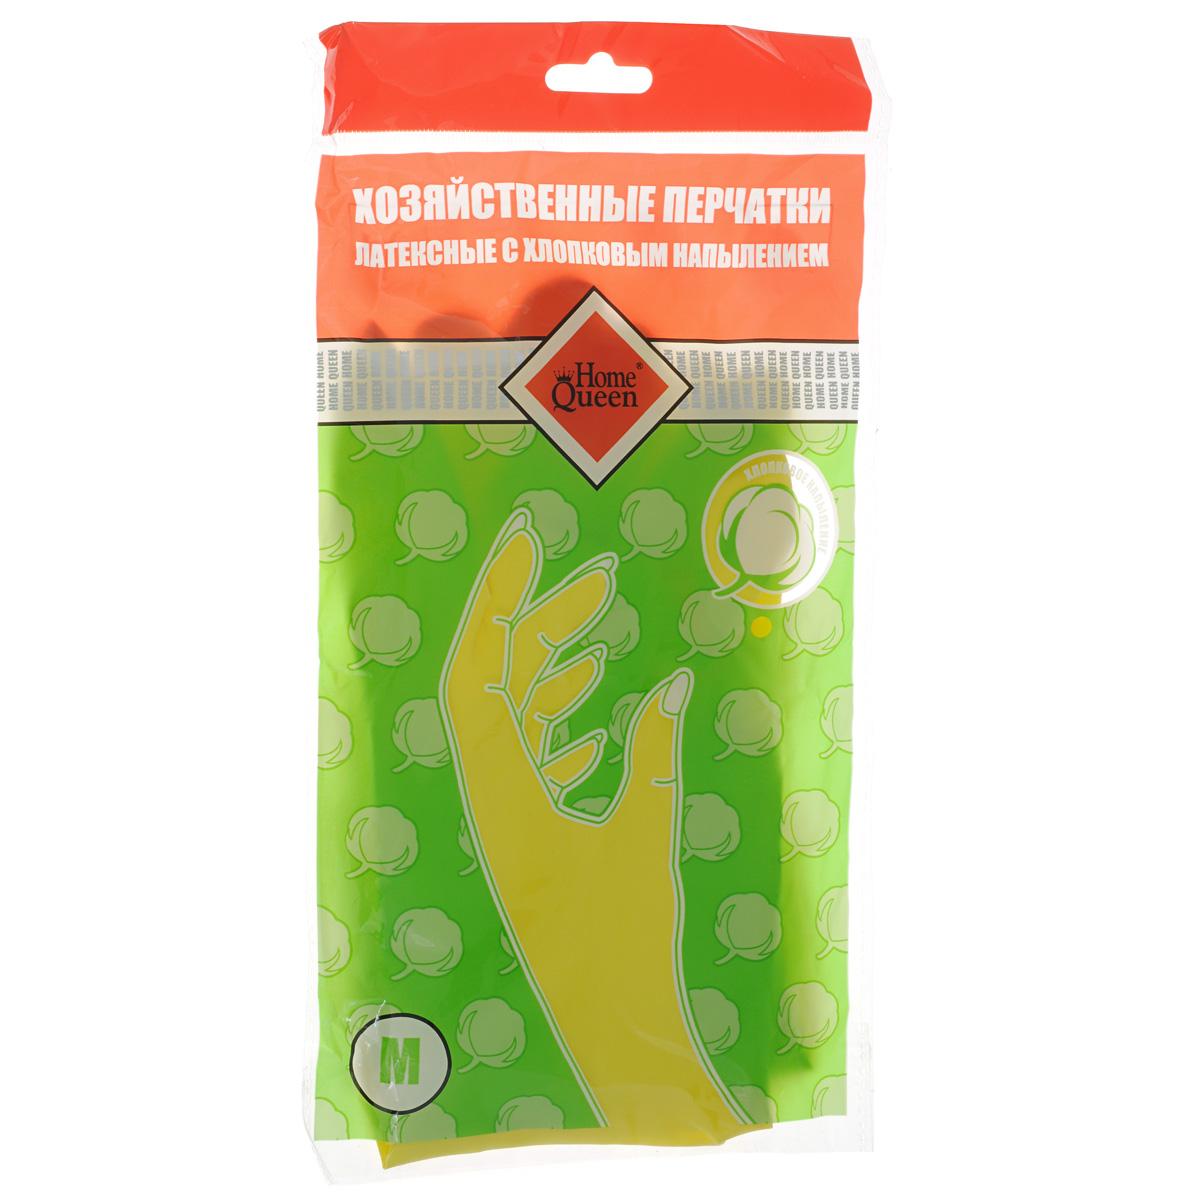 Перчатки латексные Home Queen, с хлопковым напылением. Размер M07018Перчатки Home Queen защитят ваши руки от воздействия бытовой химии и грязи. Подойдут для всех видов хозяйственных работ. Выполнены из латекса с хлопковым напылением.